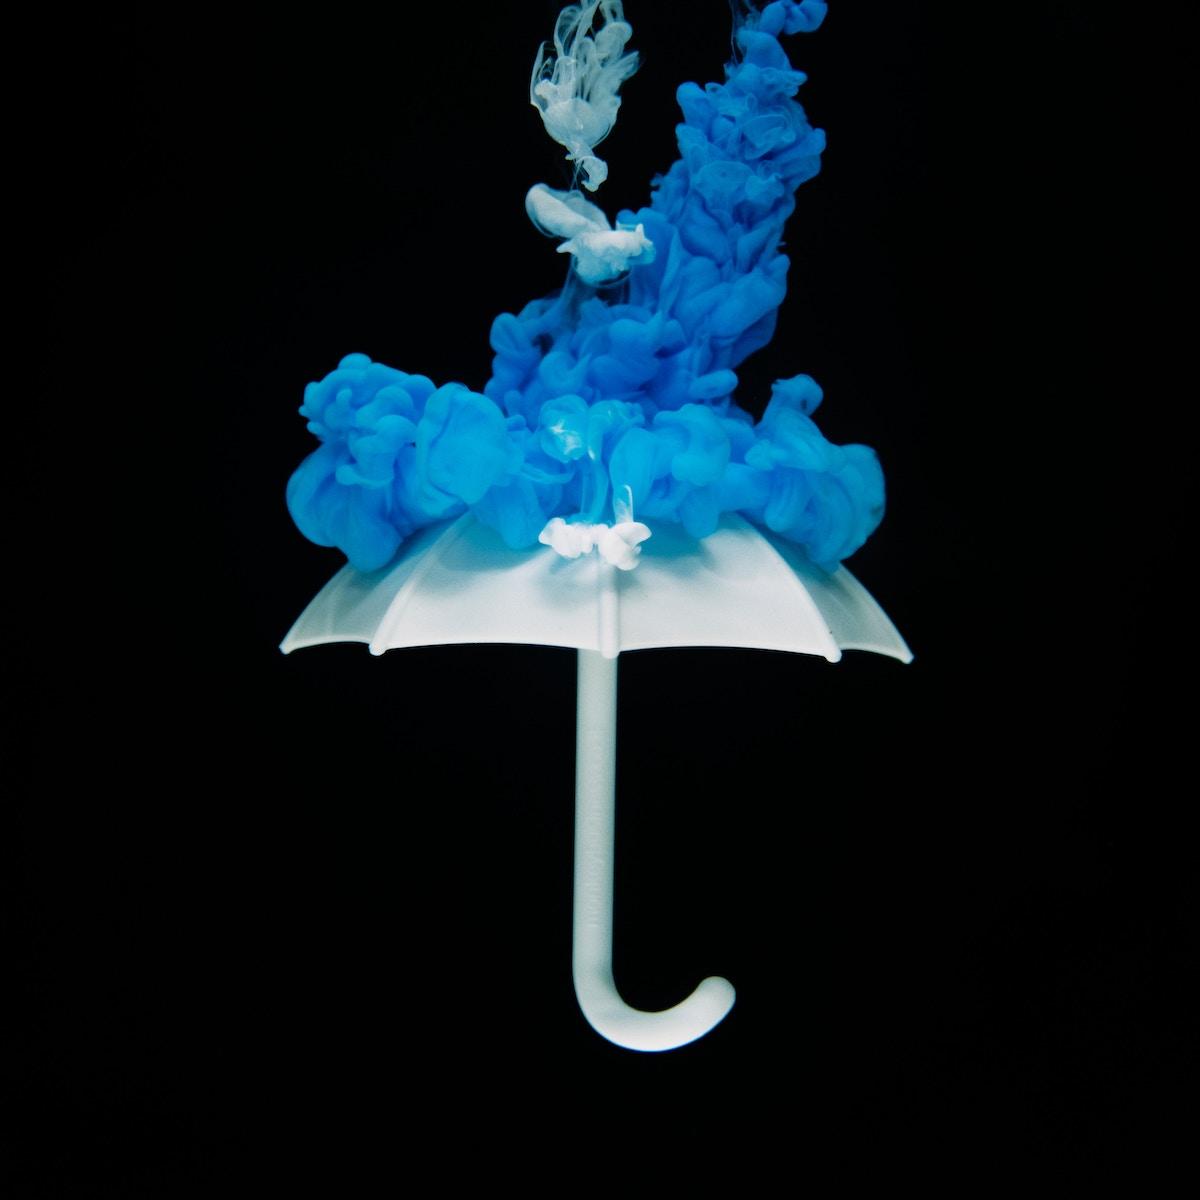 Ein dampfender Schirm